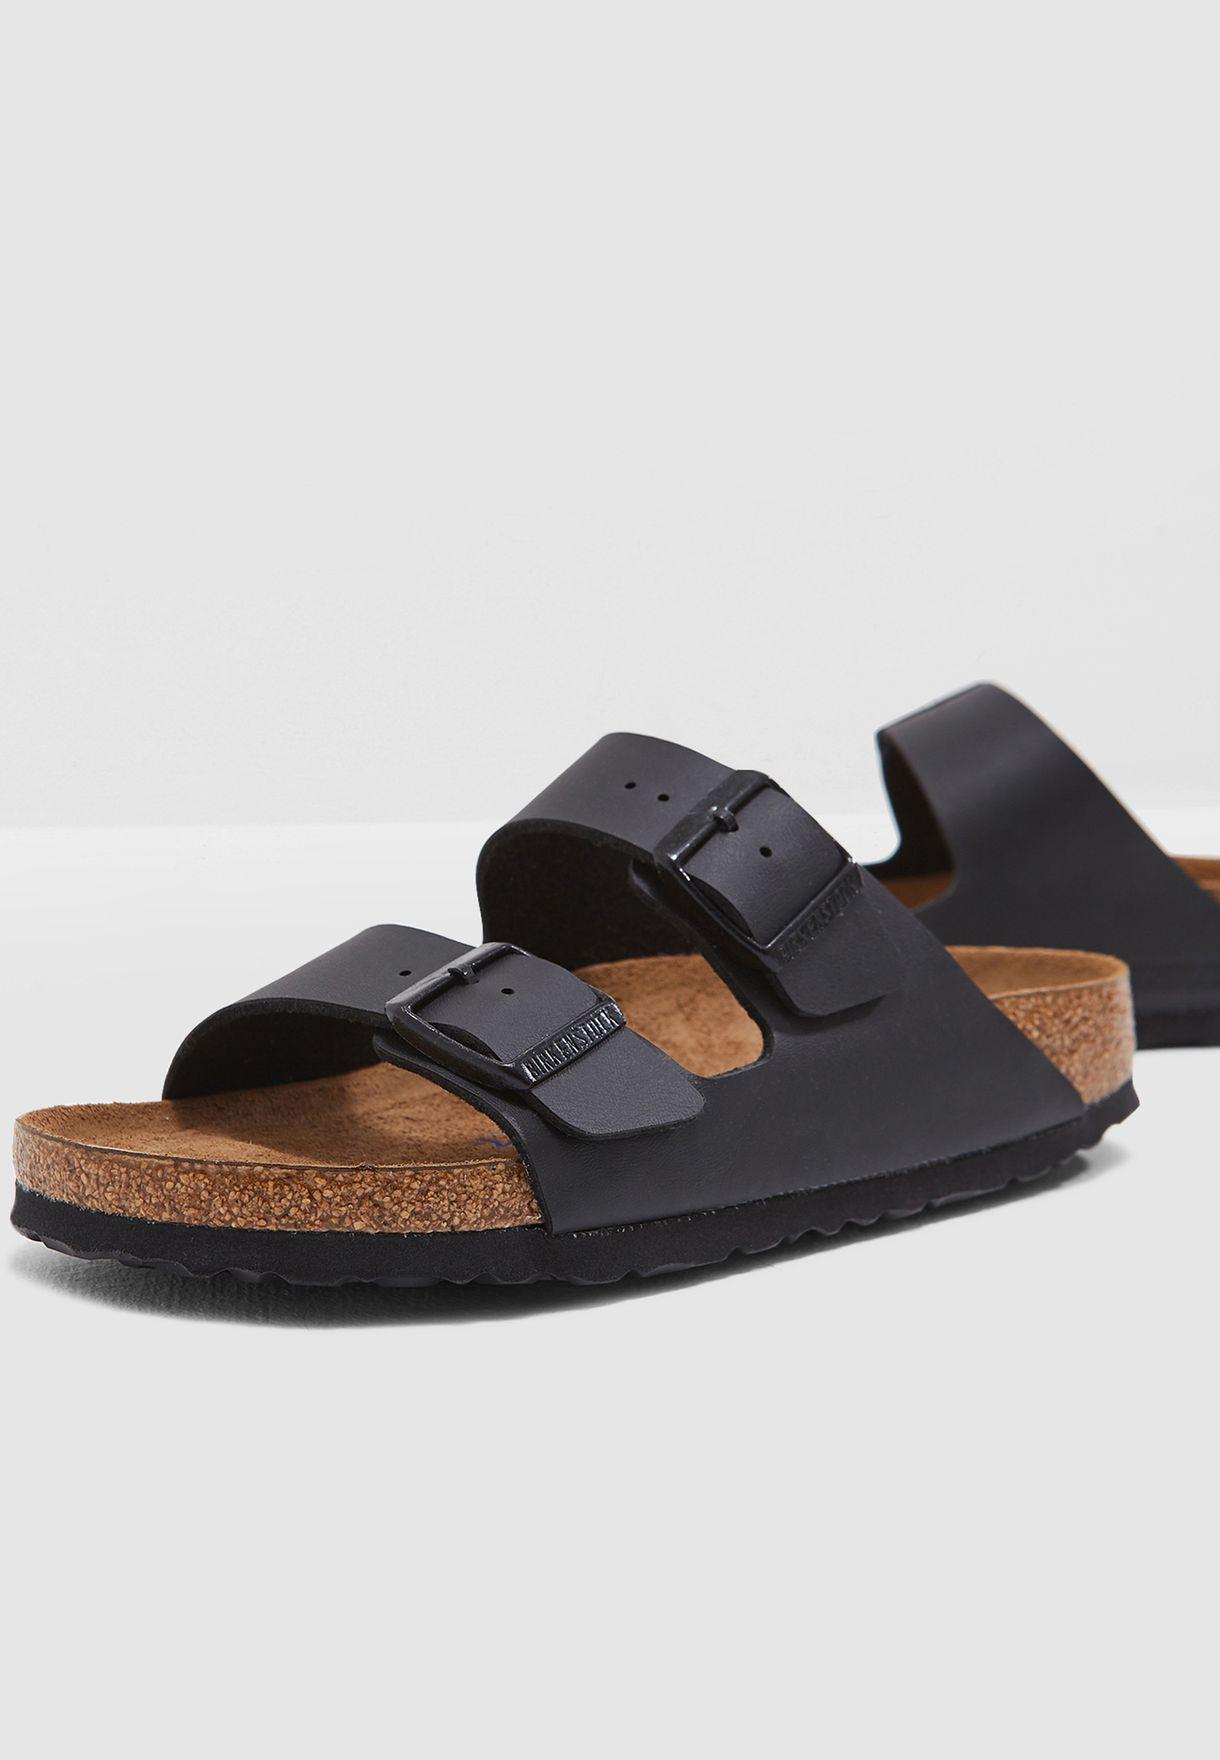 eb14a231d1c7 Shop Birkenstock black Arizona Mule Sandal 551253 for Women in UAE ...